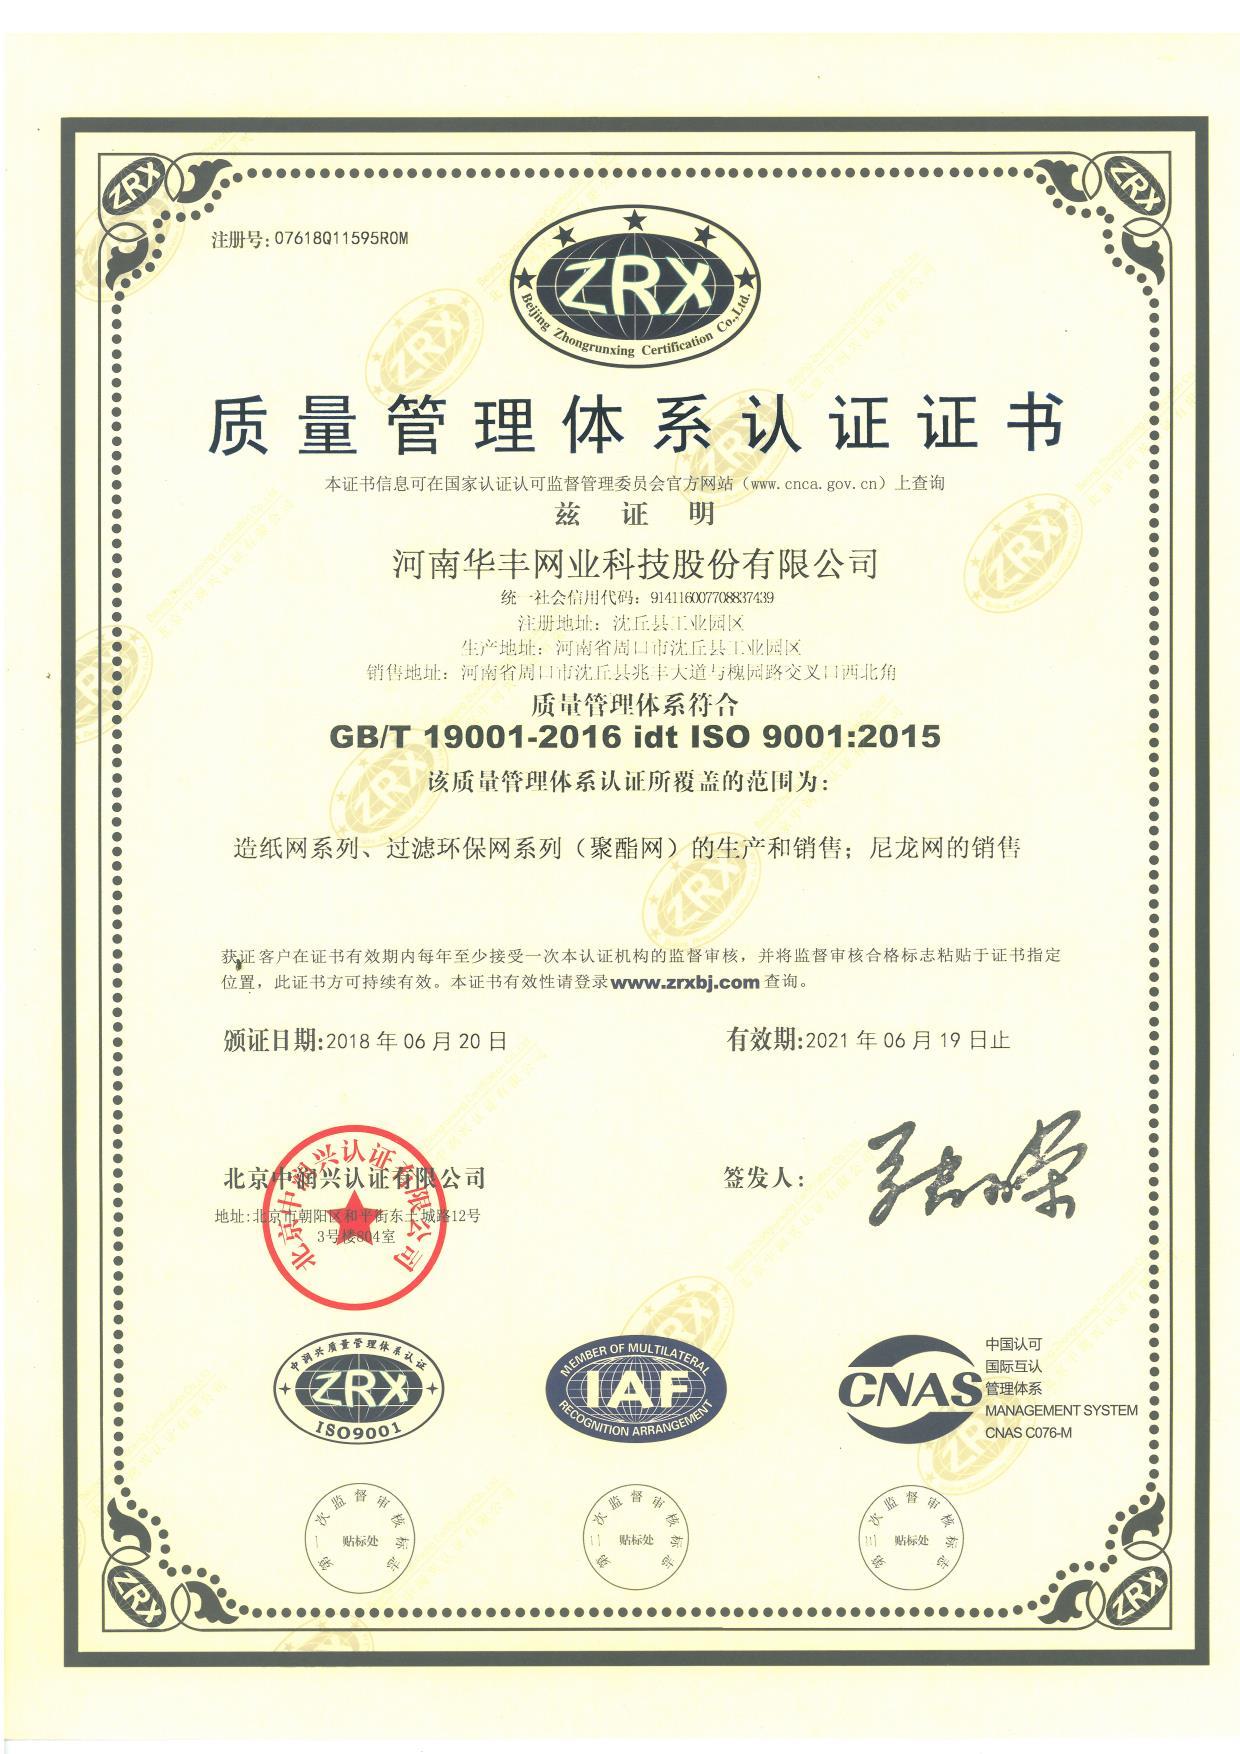 质量管理体系认证证书ISO